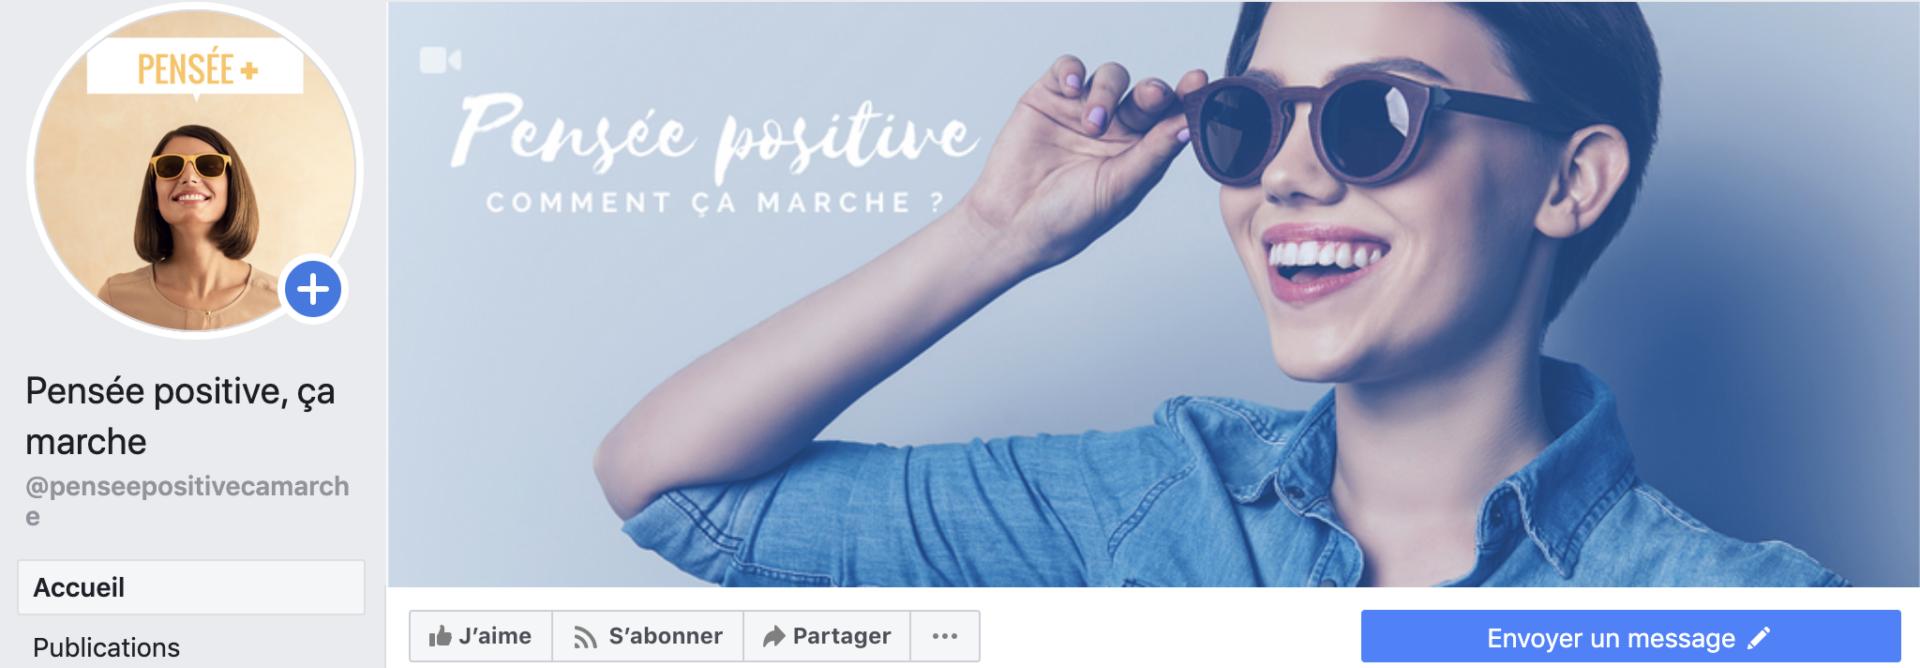 Promo d'une page Pro : mettre de l'émotion dans la bannière